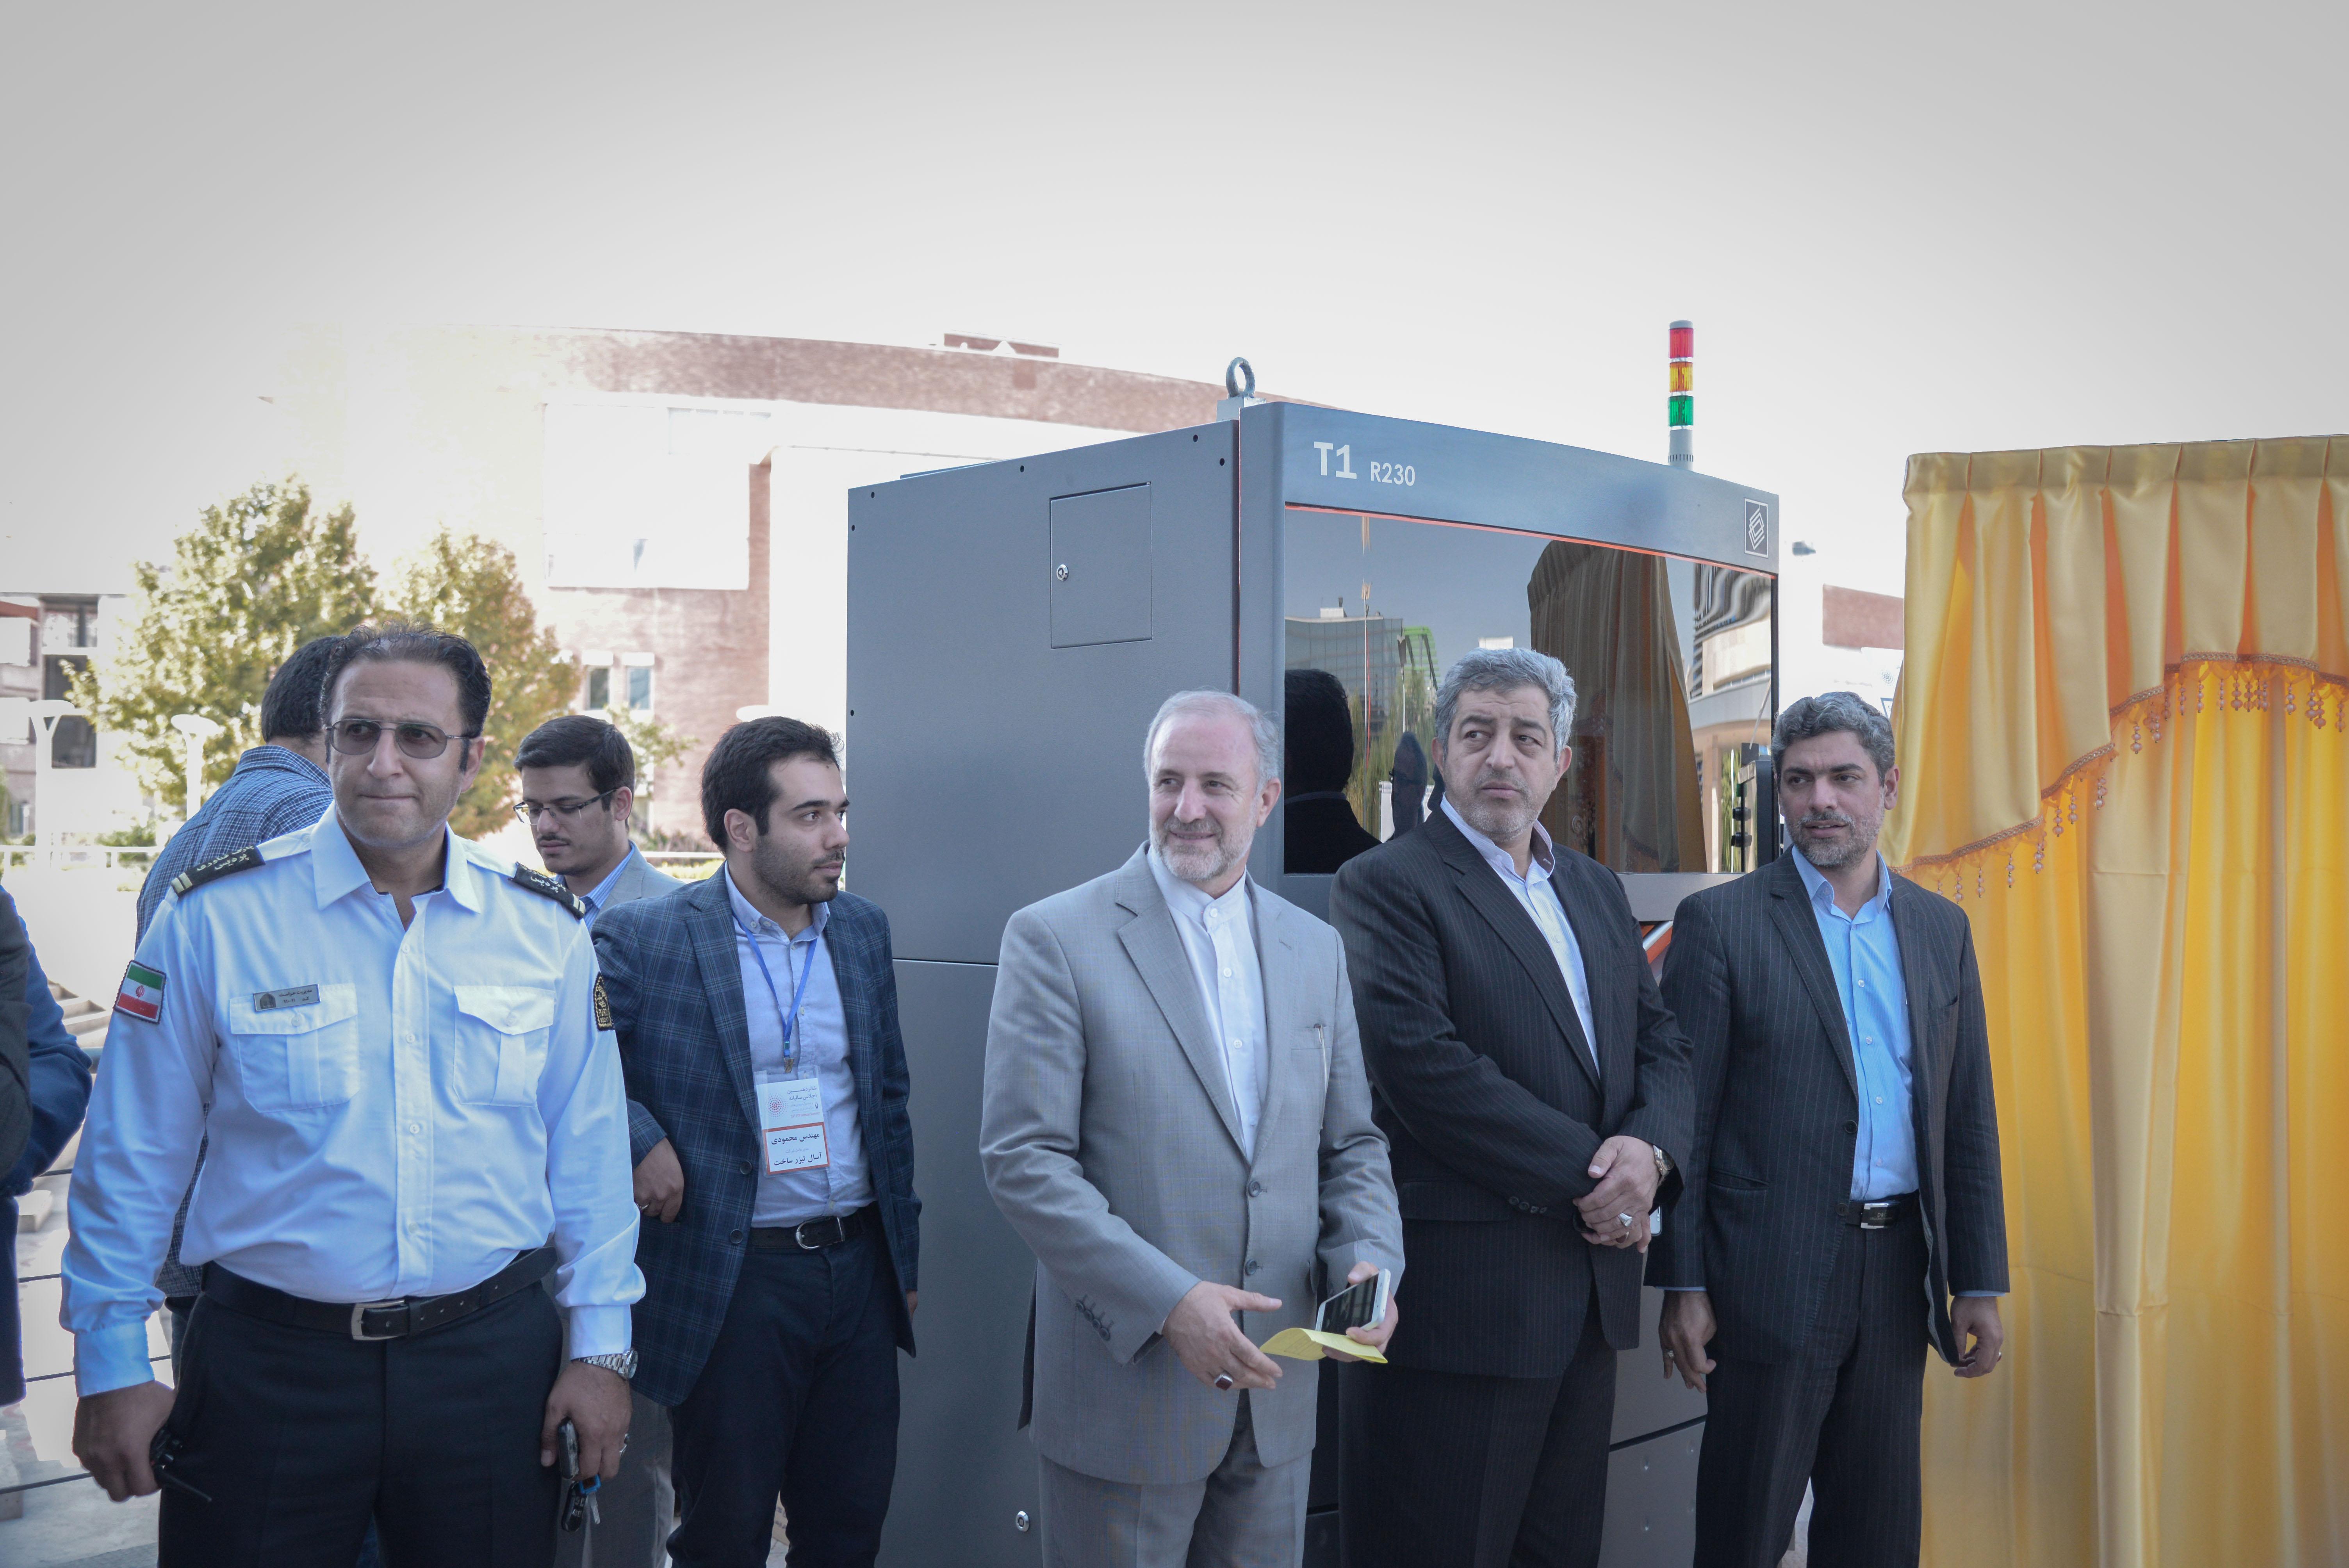 رونمایی از دستگاه پرینتر ۳ بعدی SLS ایرانی تیوان R230 در پارک فناوری پردیس